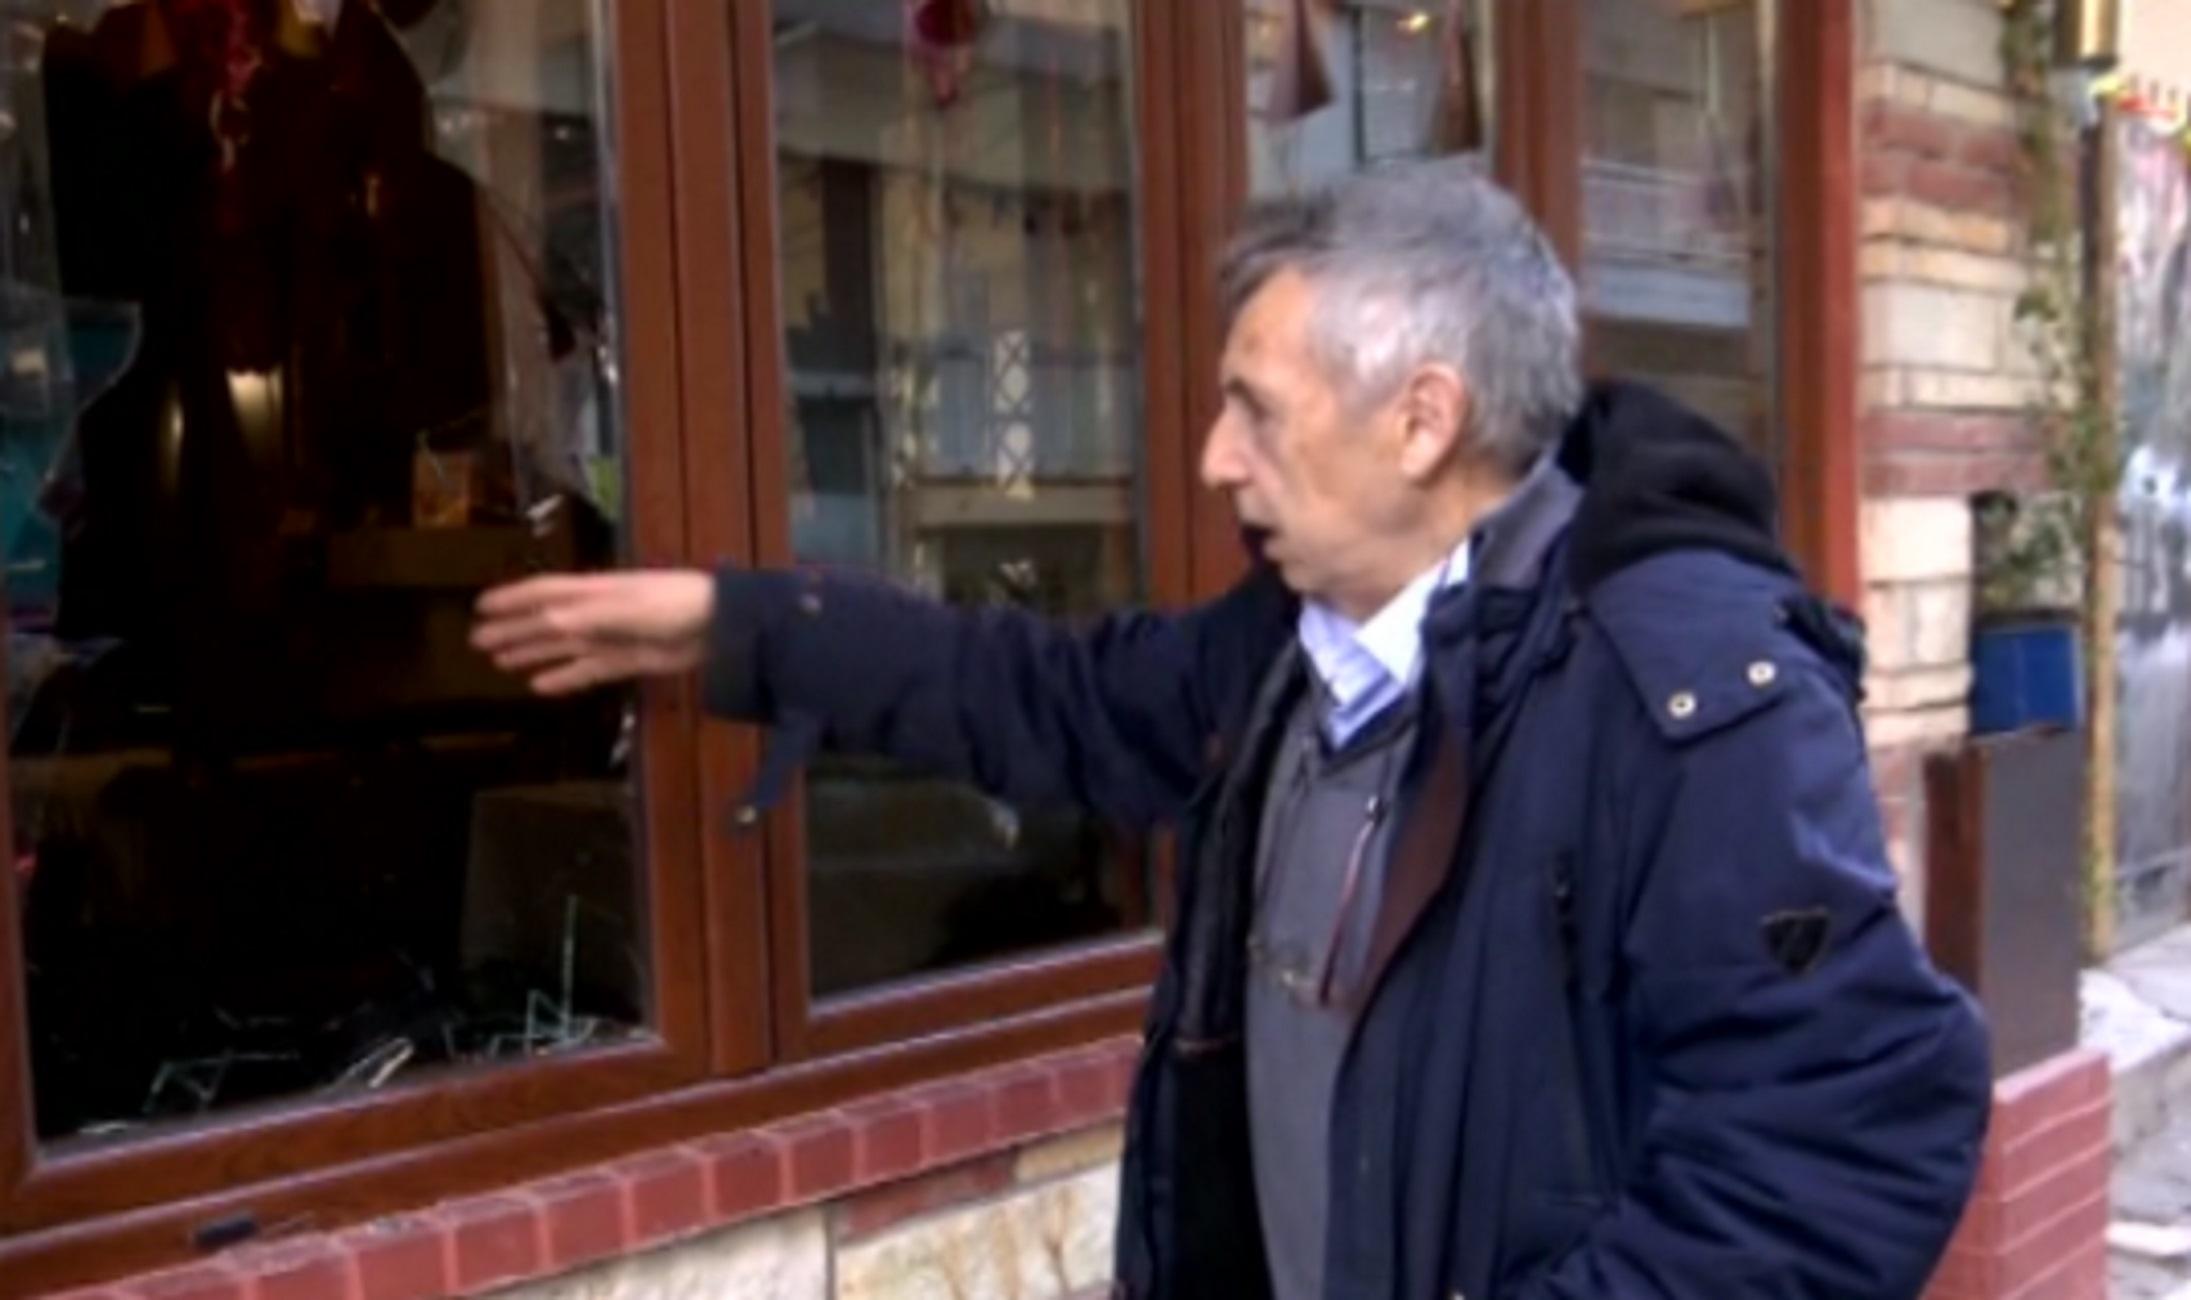 Θεσσαλονίκη: Ο διαρρήκτης του μεζεδοπωλείου σφήνωσε στο τζάμι που έσπασε! Η απρόβλεπτη κίνηση του ιδιοκτήτη (Βίντεο)